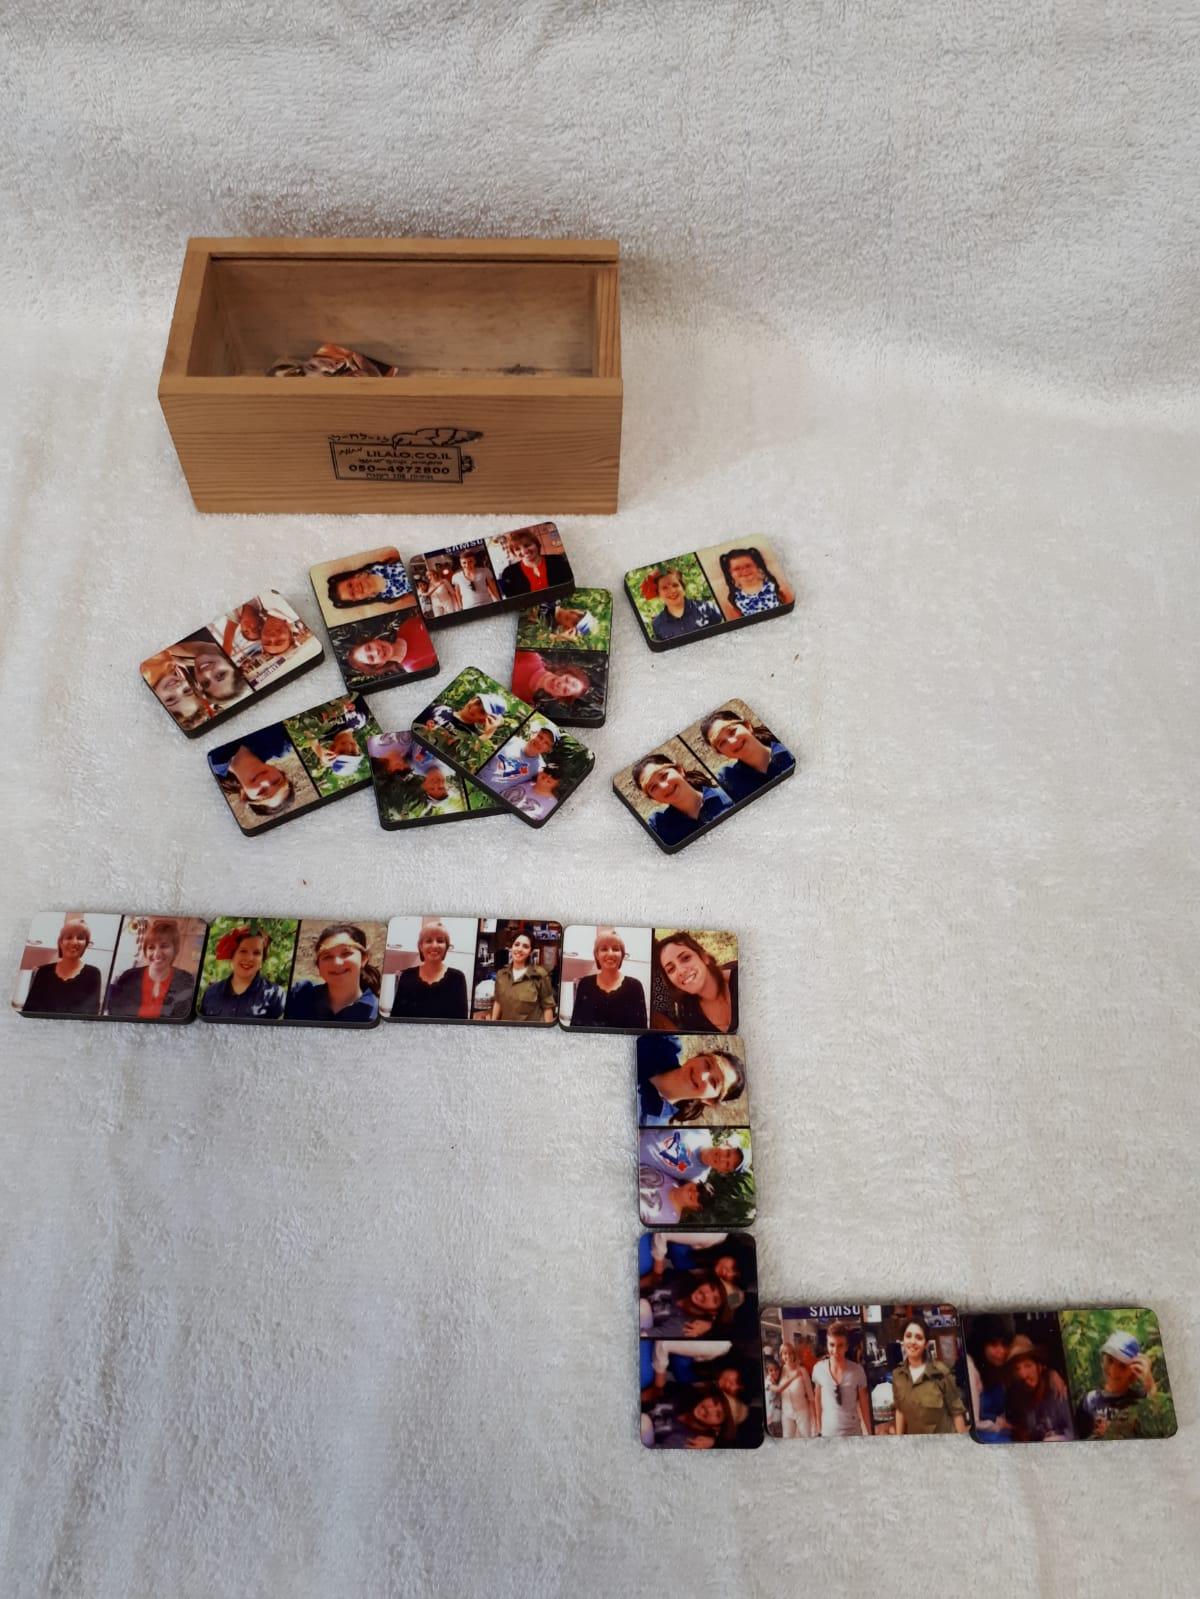 דומינו תמונות 28 חלקים